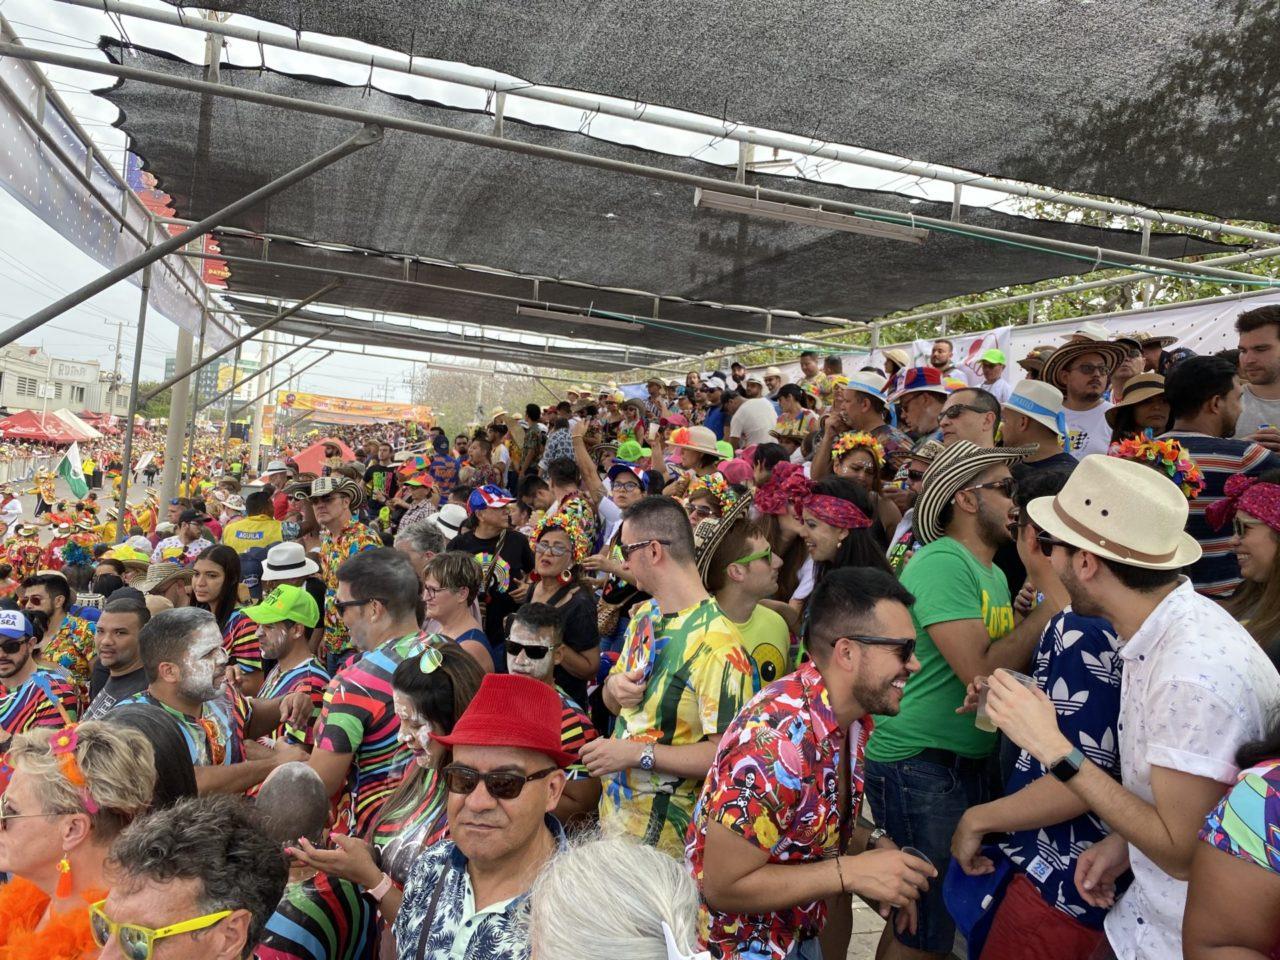 Feiernde Menschen auf einer Tribüne mit Dach